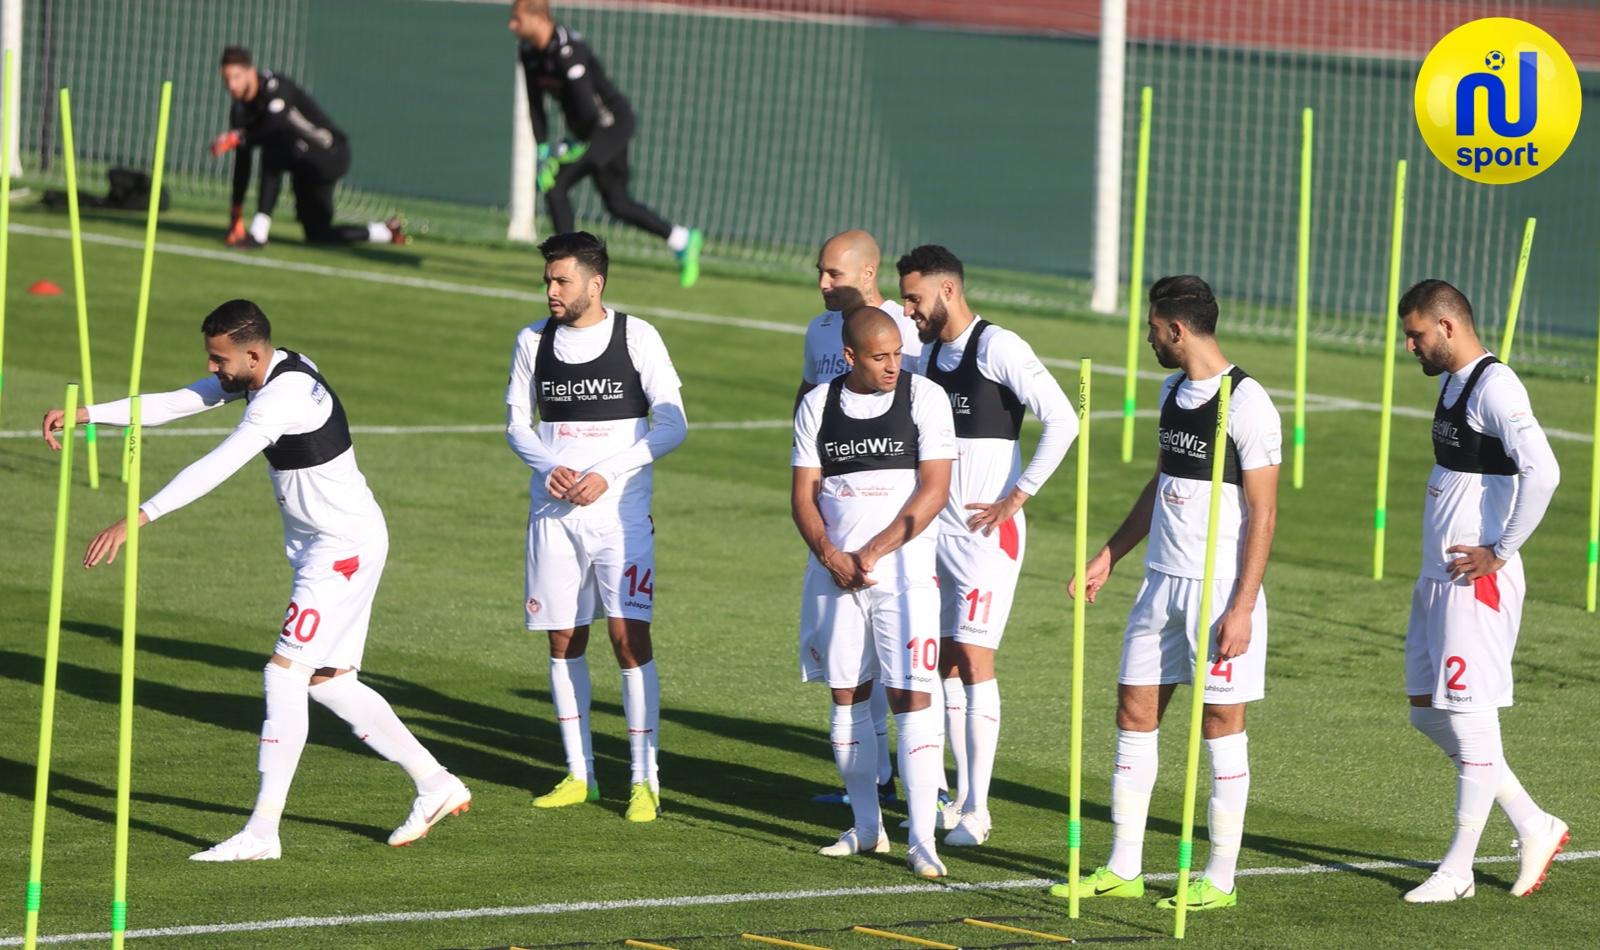 صور تدريبات المنتخب الوطني التونسي